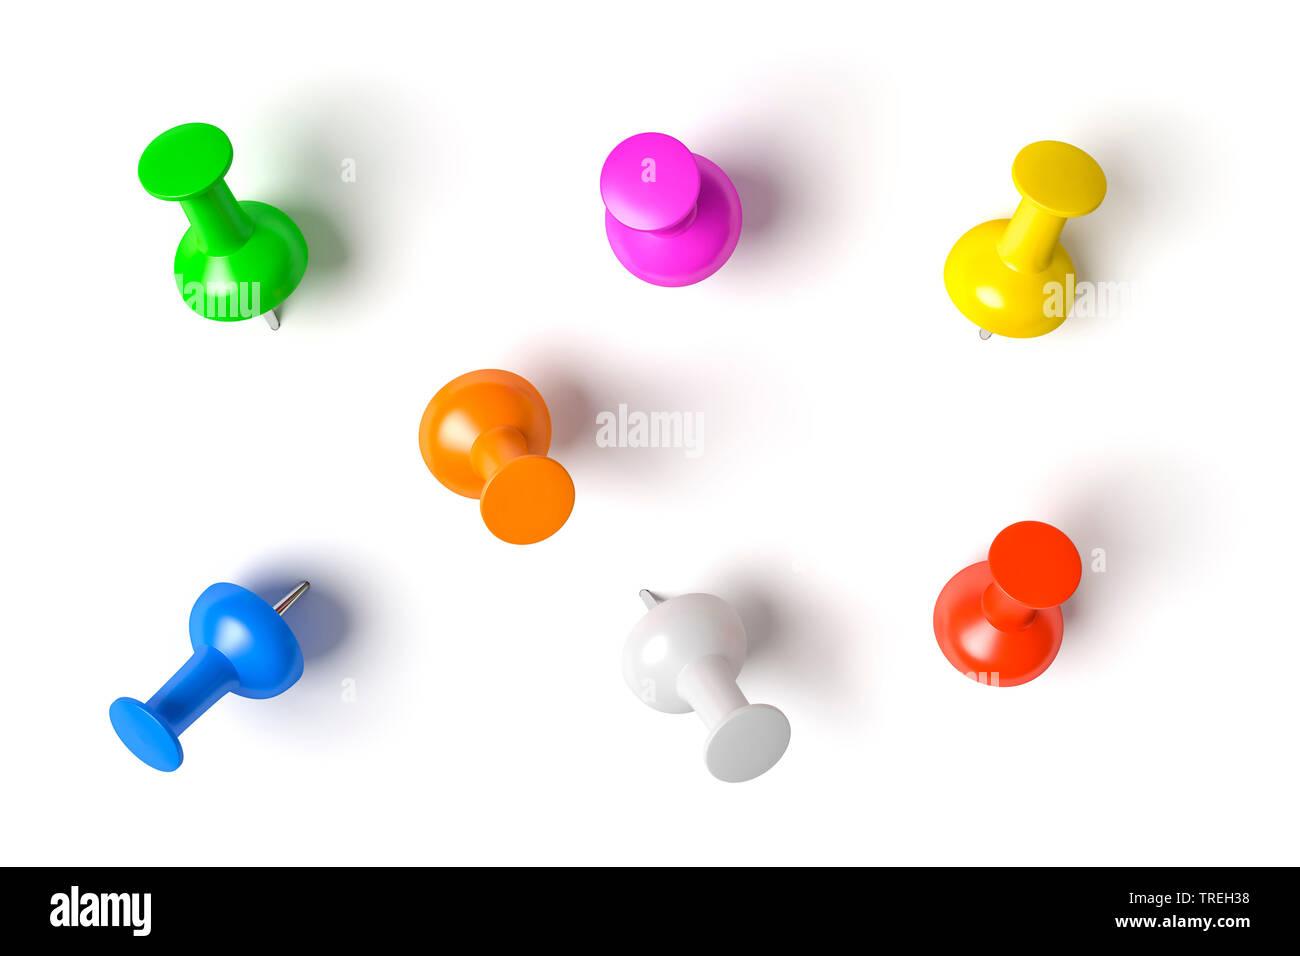 3D-Computergrafik, Reissnaegel in verschiedenen Farben vor weissem Hintergrund | 3D computer graphic, drawing pins in various colors against white bac - Stock Image